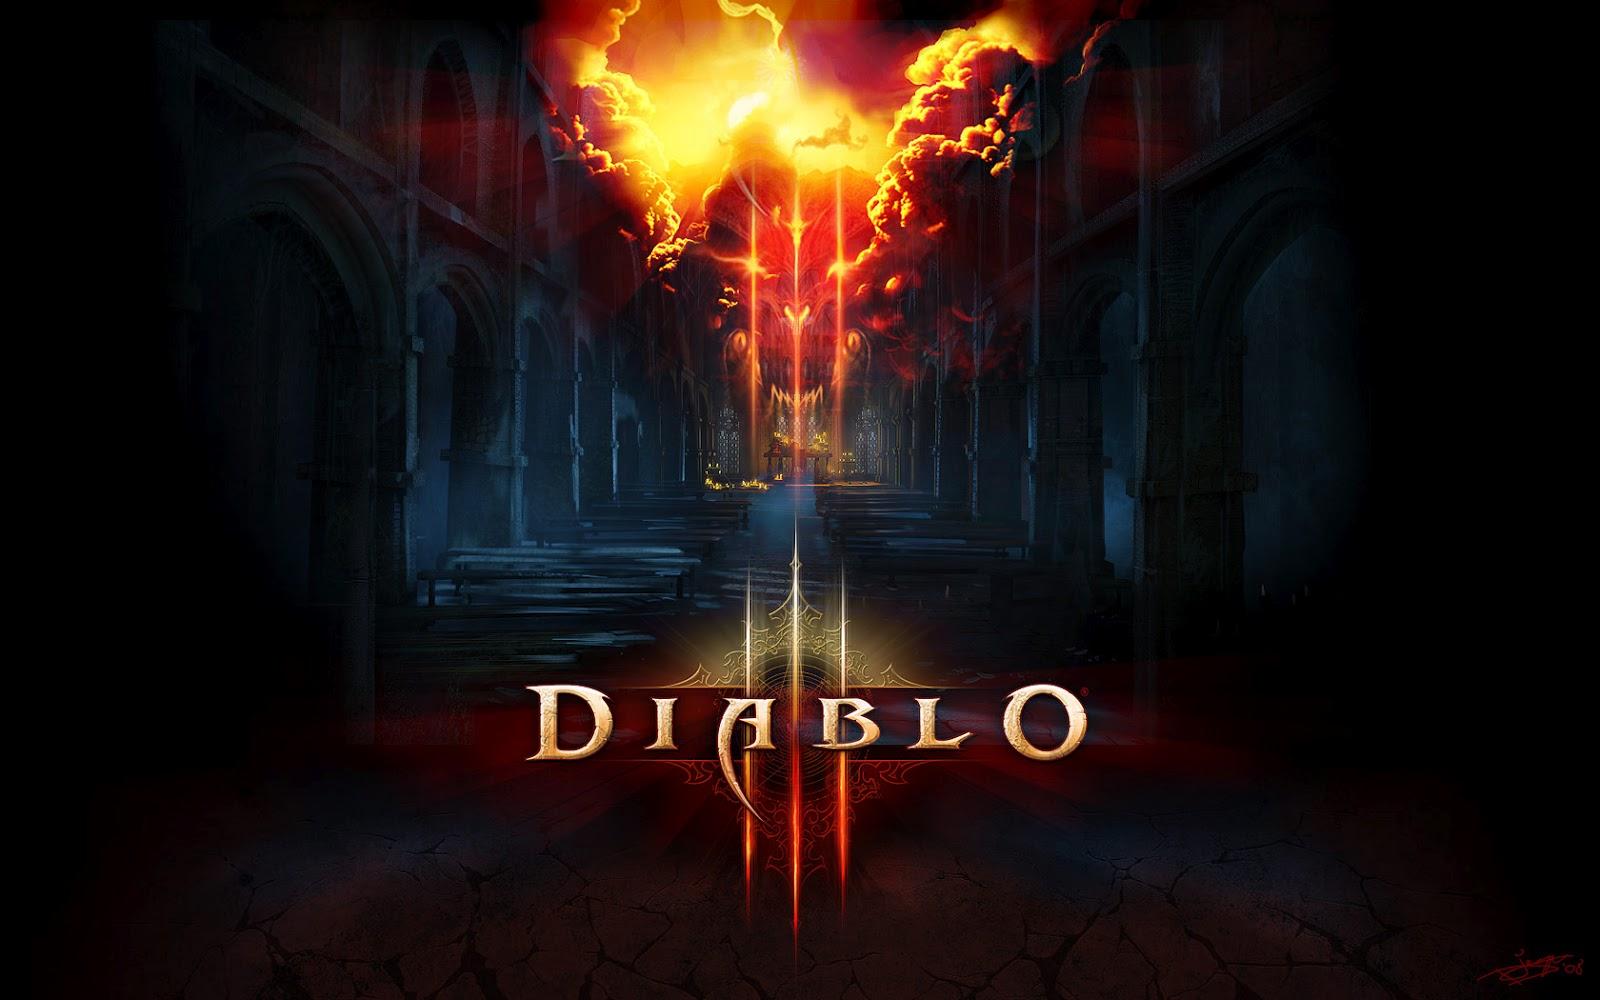 http://2.bp.blogspot.com/-GQC73t_LKLE/UA-AxGER55I/AAAAAAAABdU/qVkHxaTrrUE/s1600/Diablo_3_wallpaper_10_by_Diesp.jpg